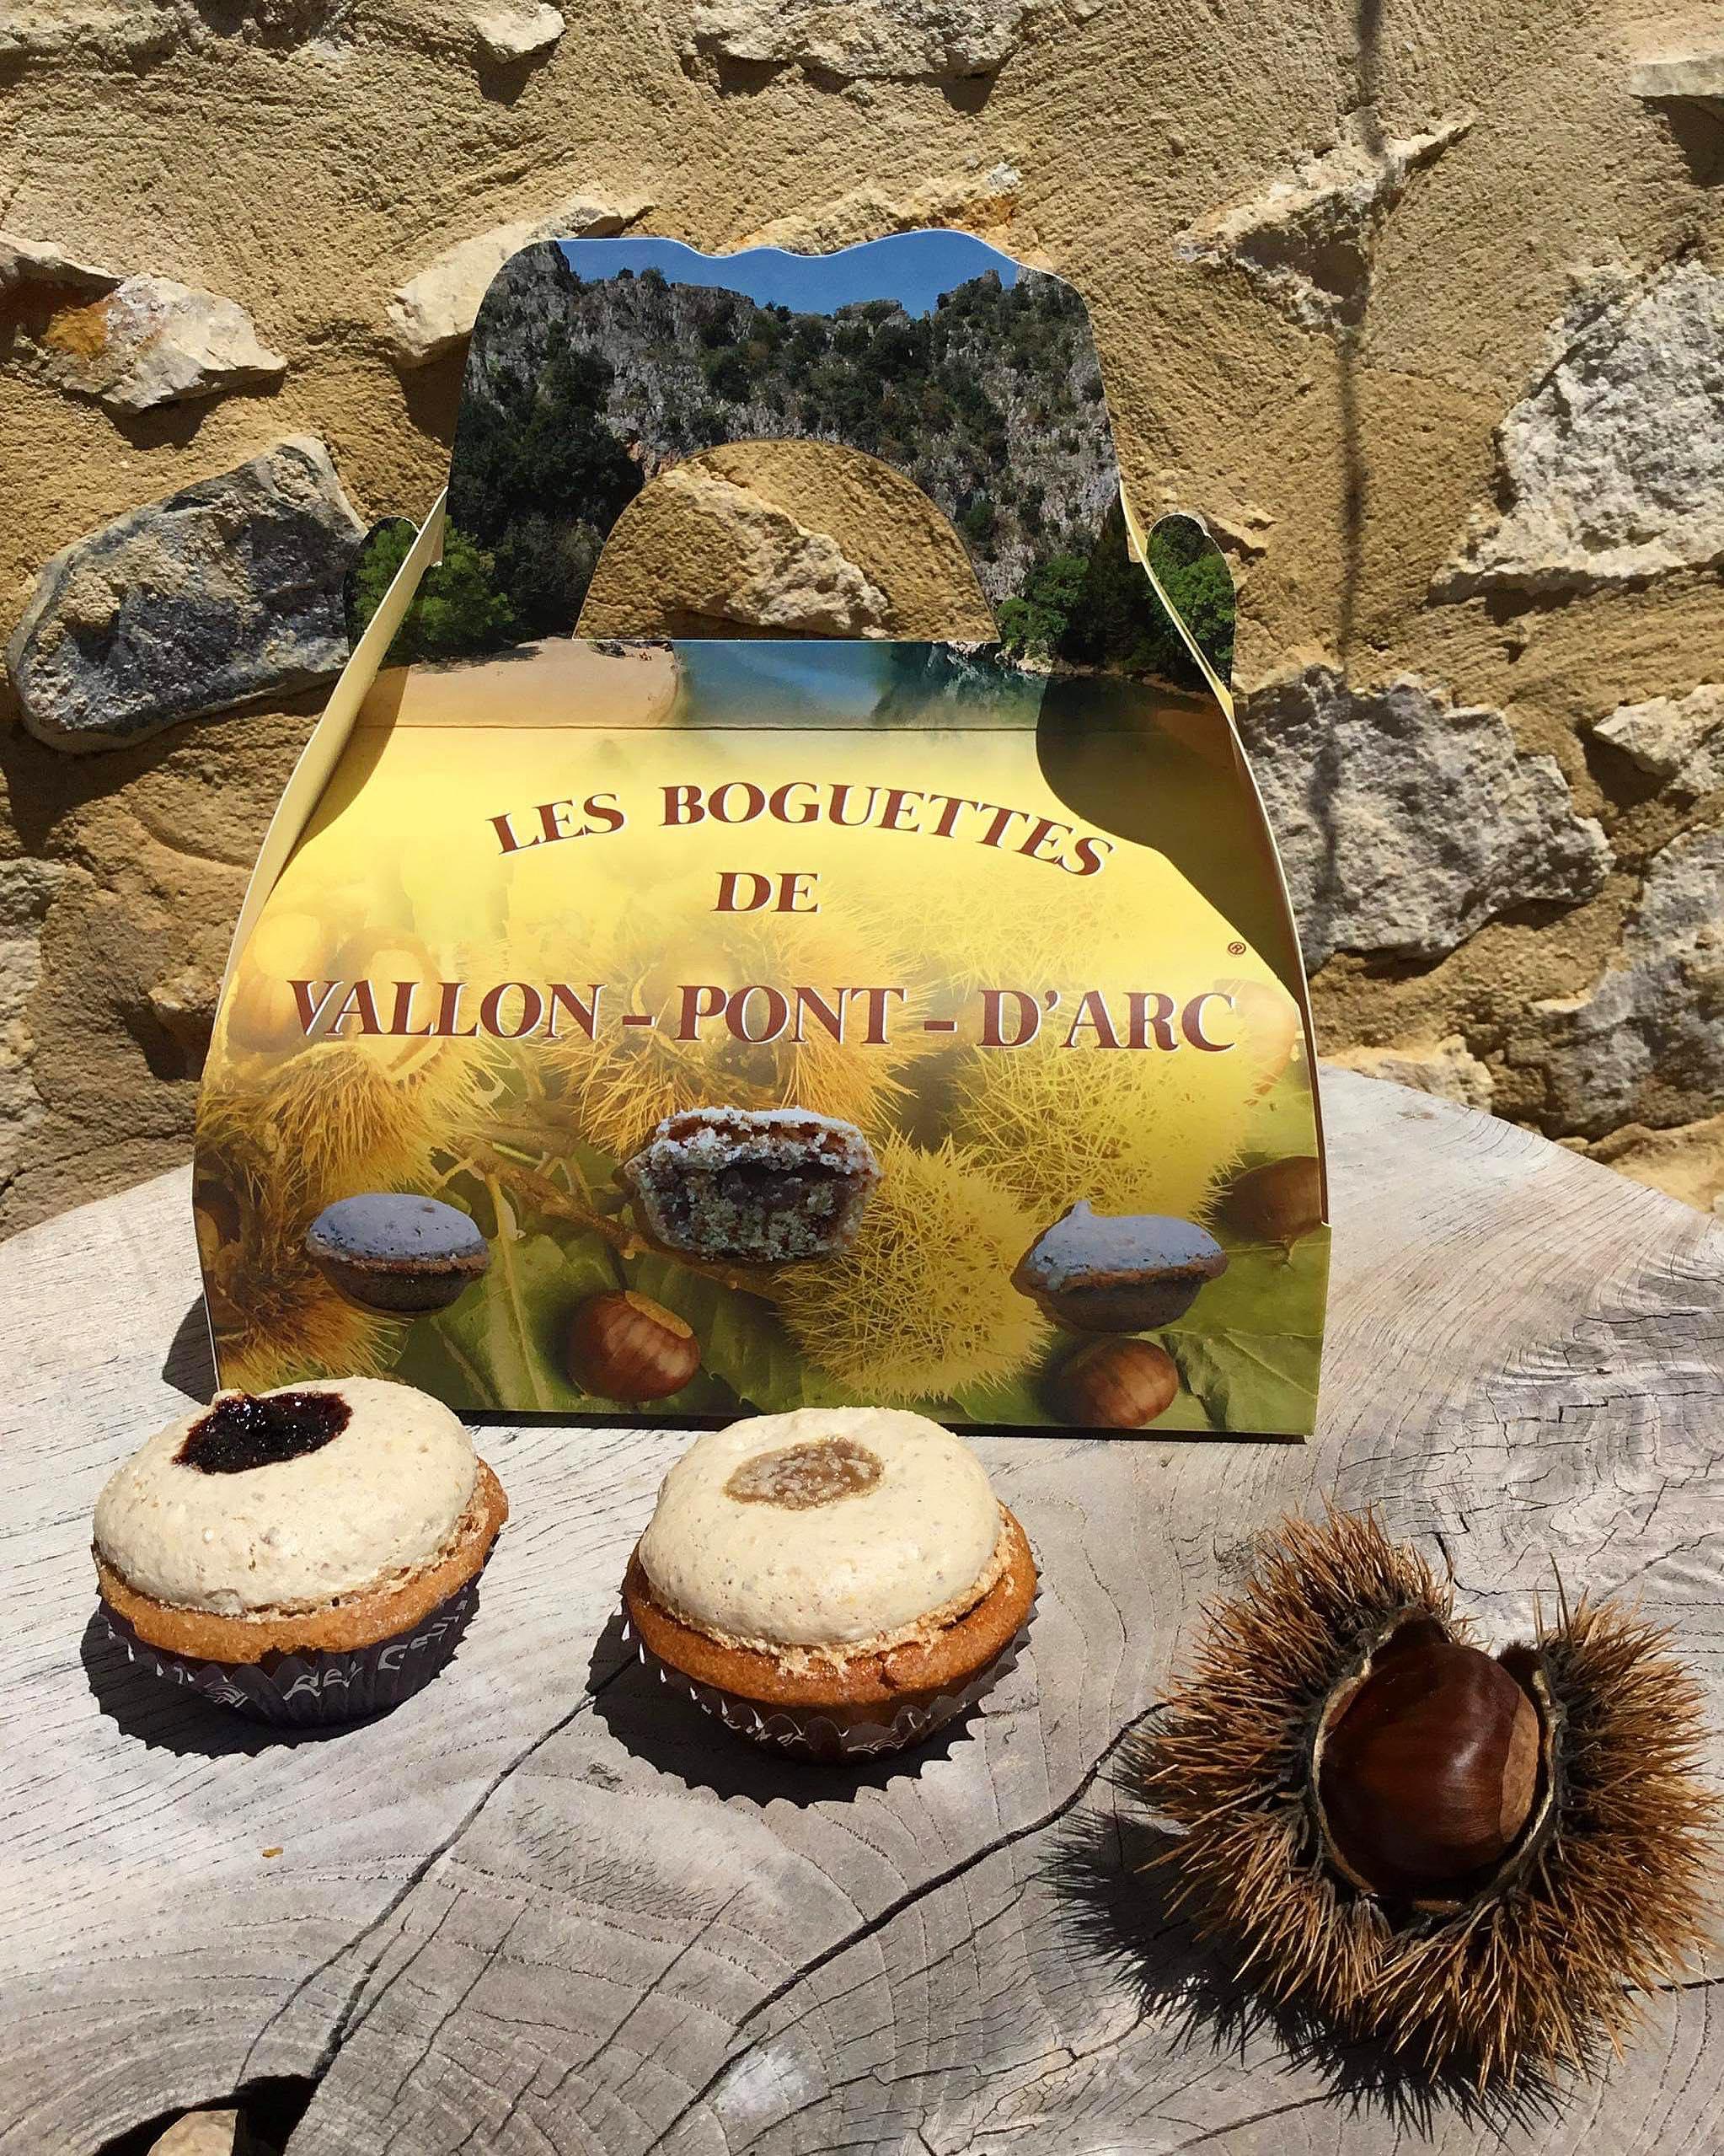 Gâteaux Les Boguettes de Vallon-Pont-d'Arc